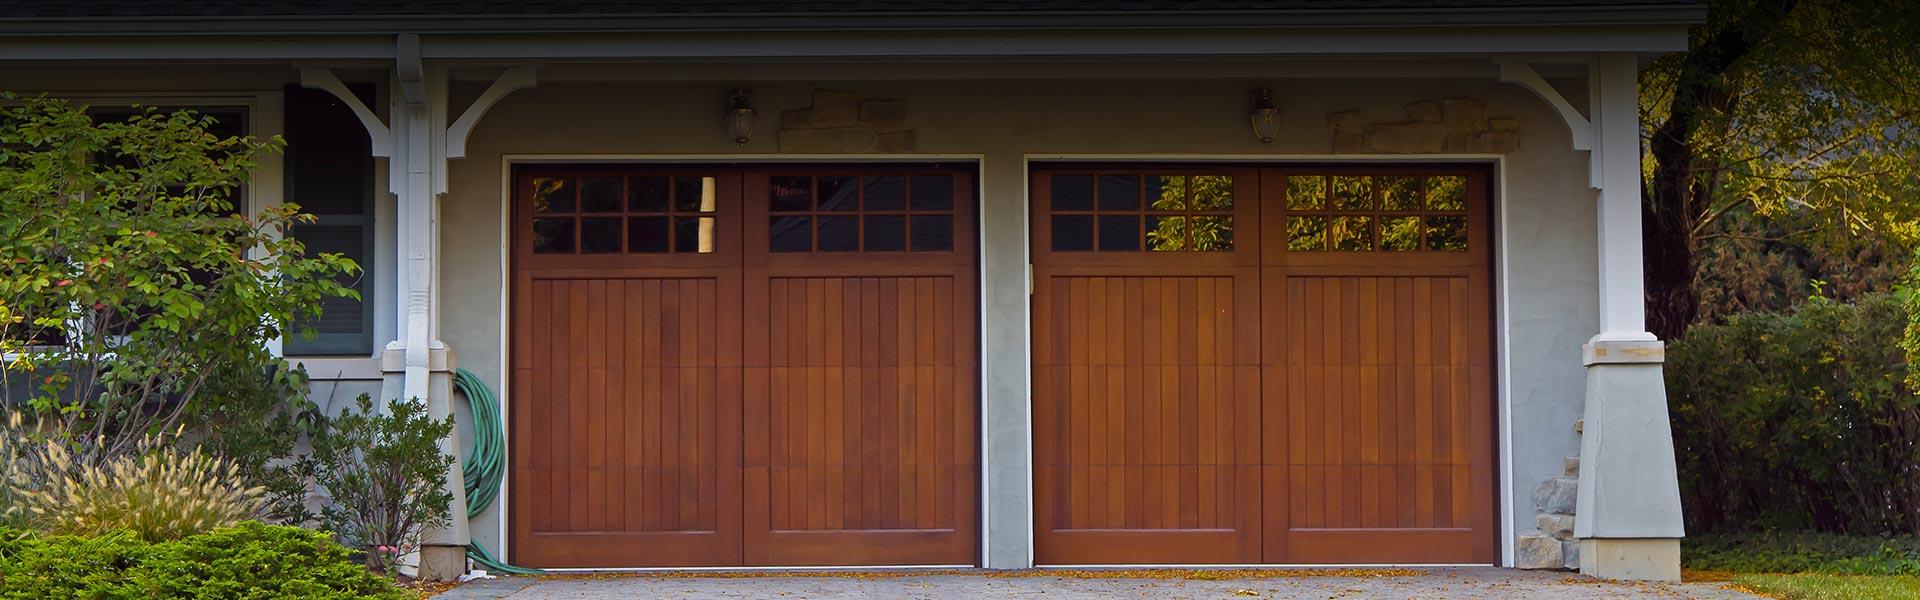 Garage doors a d construction llc rubansaba